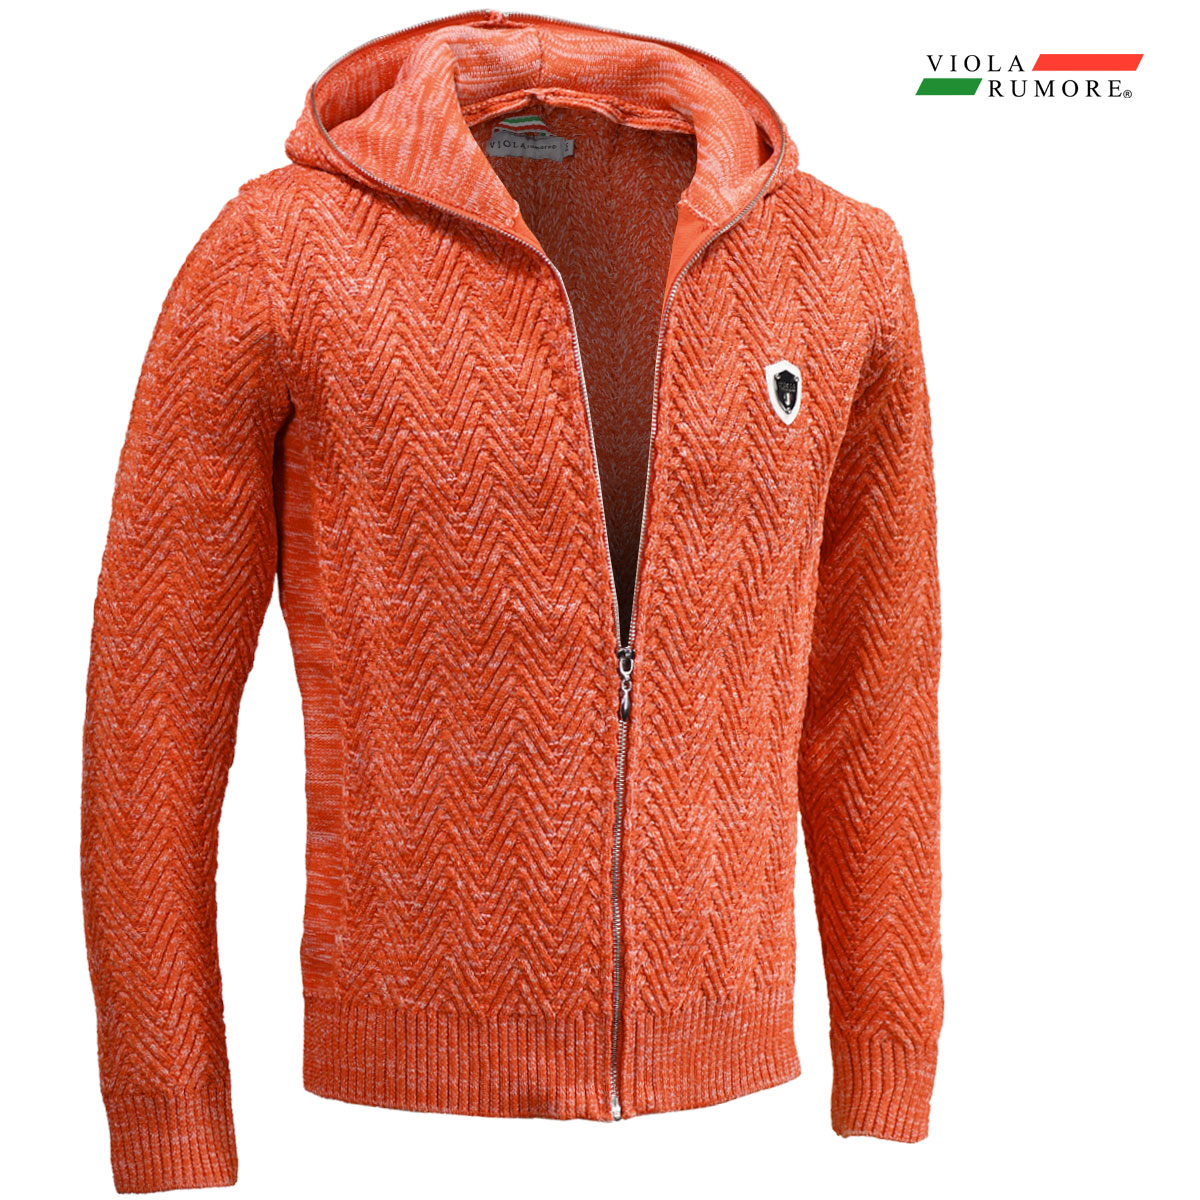 VIOLA rumore ヴィオラ ビオラ ニット フルジップアップ メンズ ヘリンボーン編み ニットジャケット 5ゲージ パーカー mens(オレンジ橙)